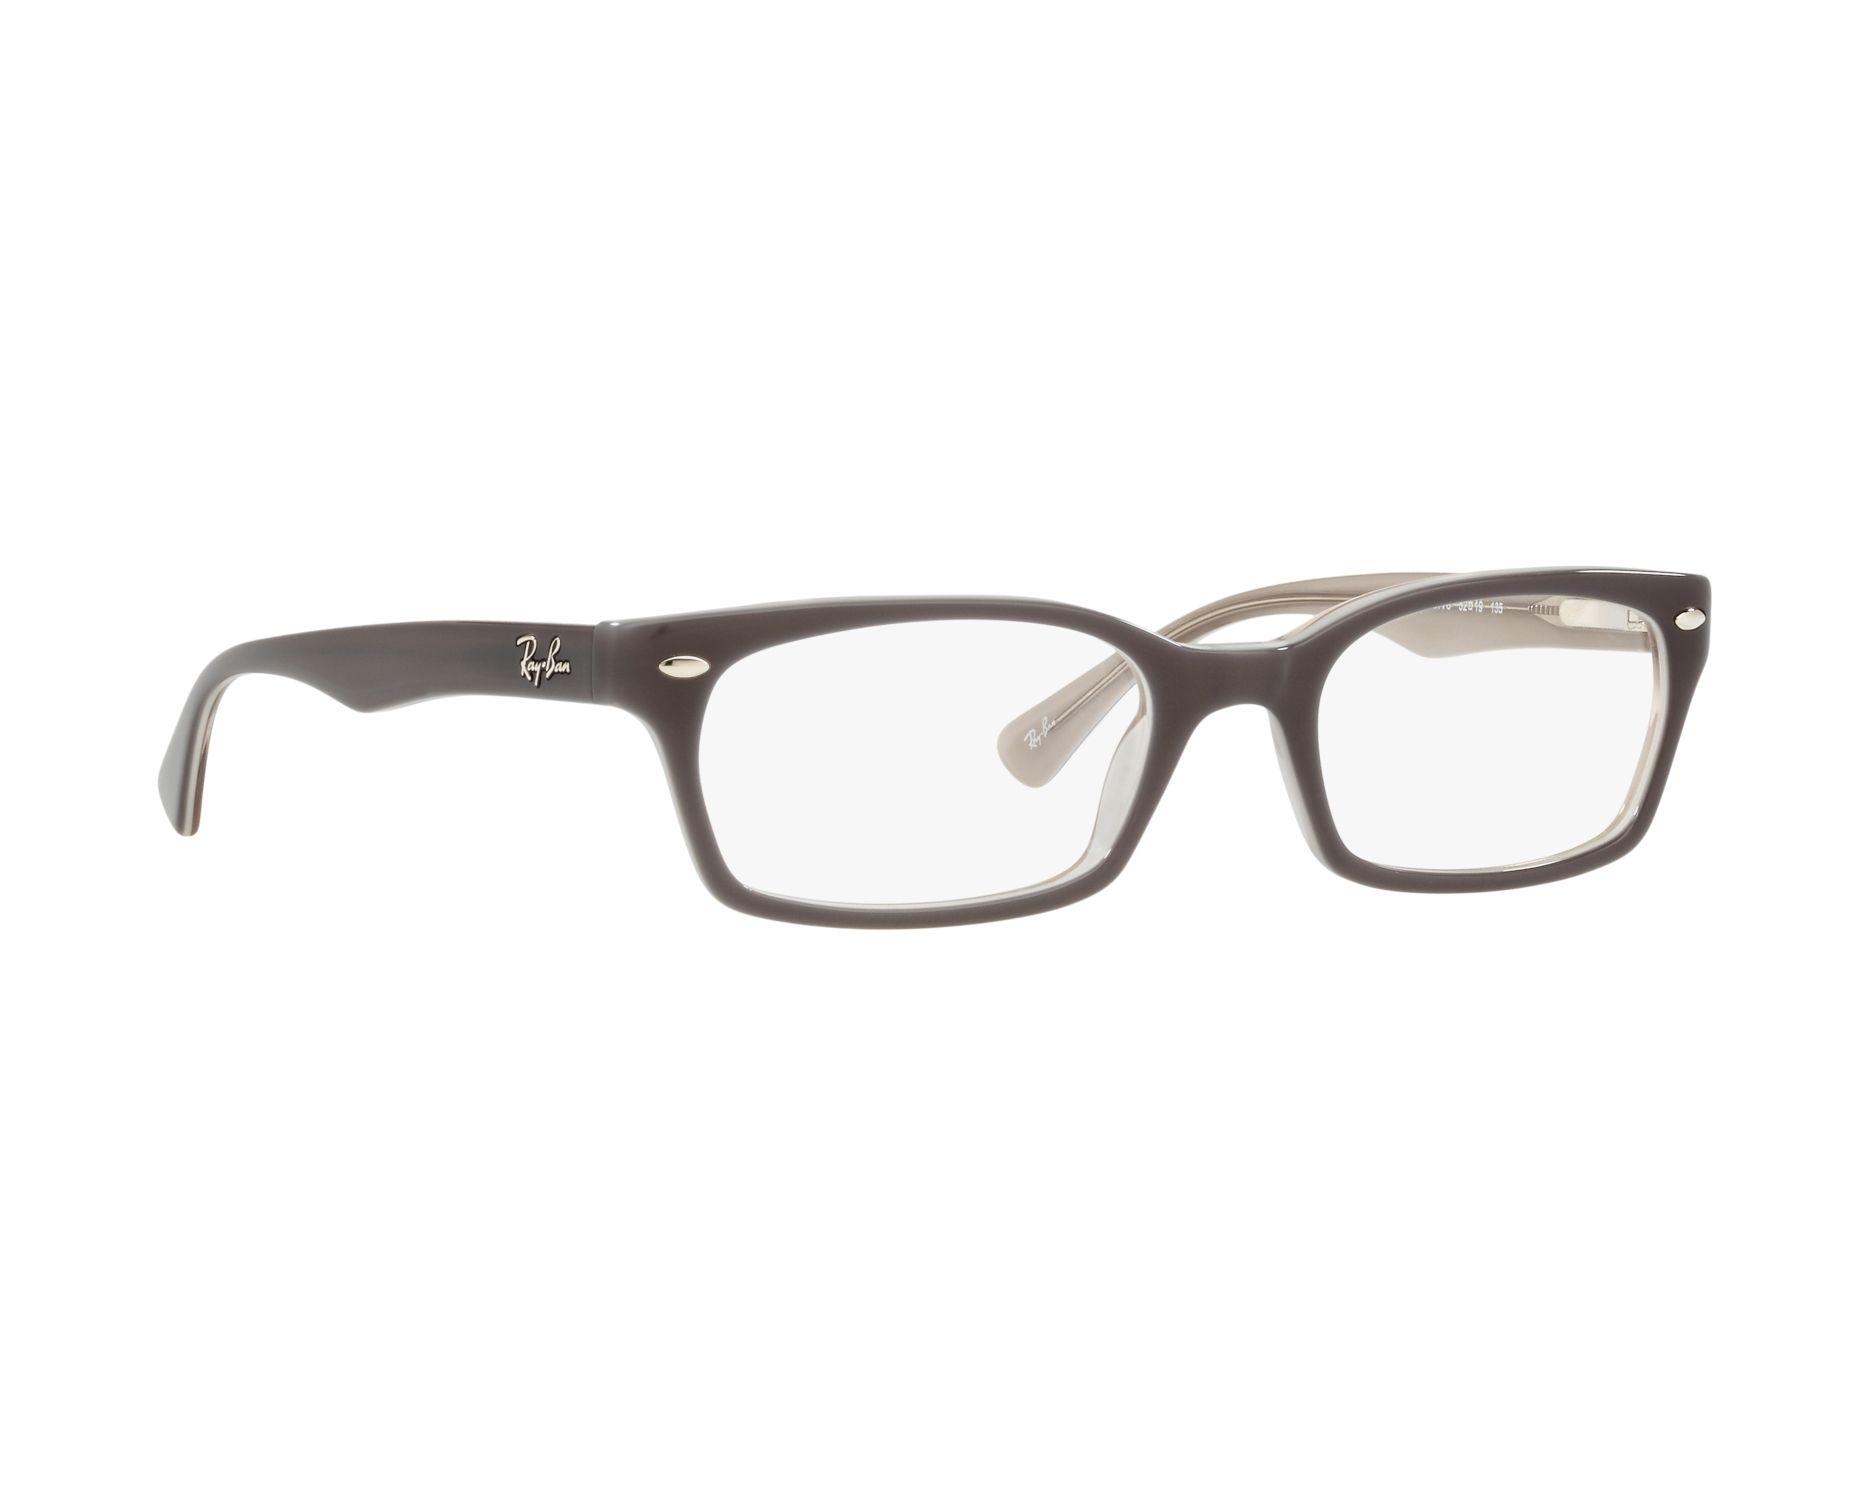 RAY BAN RAY-BAN Damen Brille » RX5150«, grau, 5778 - grau